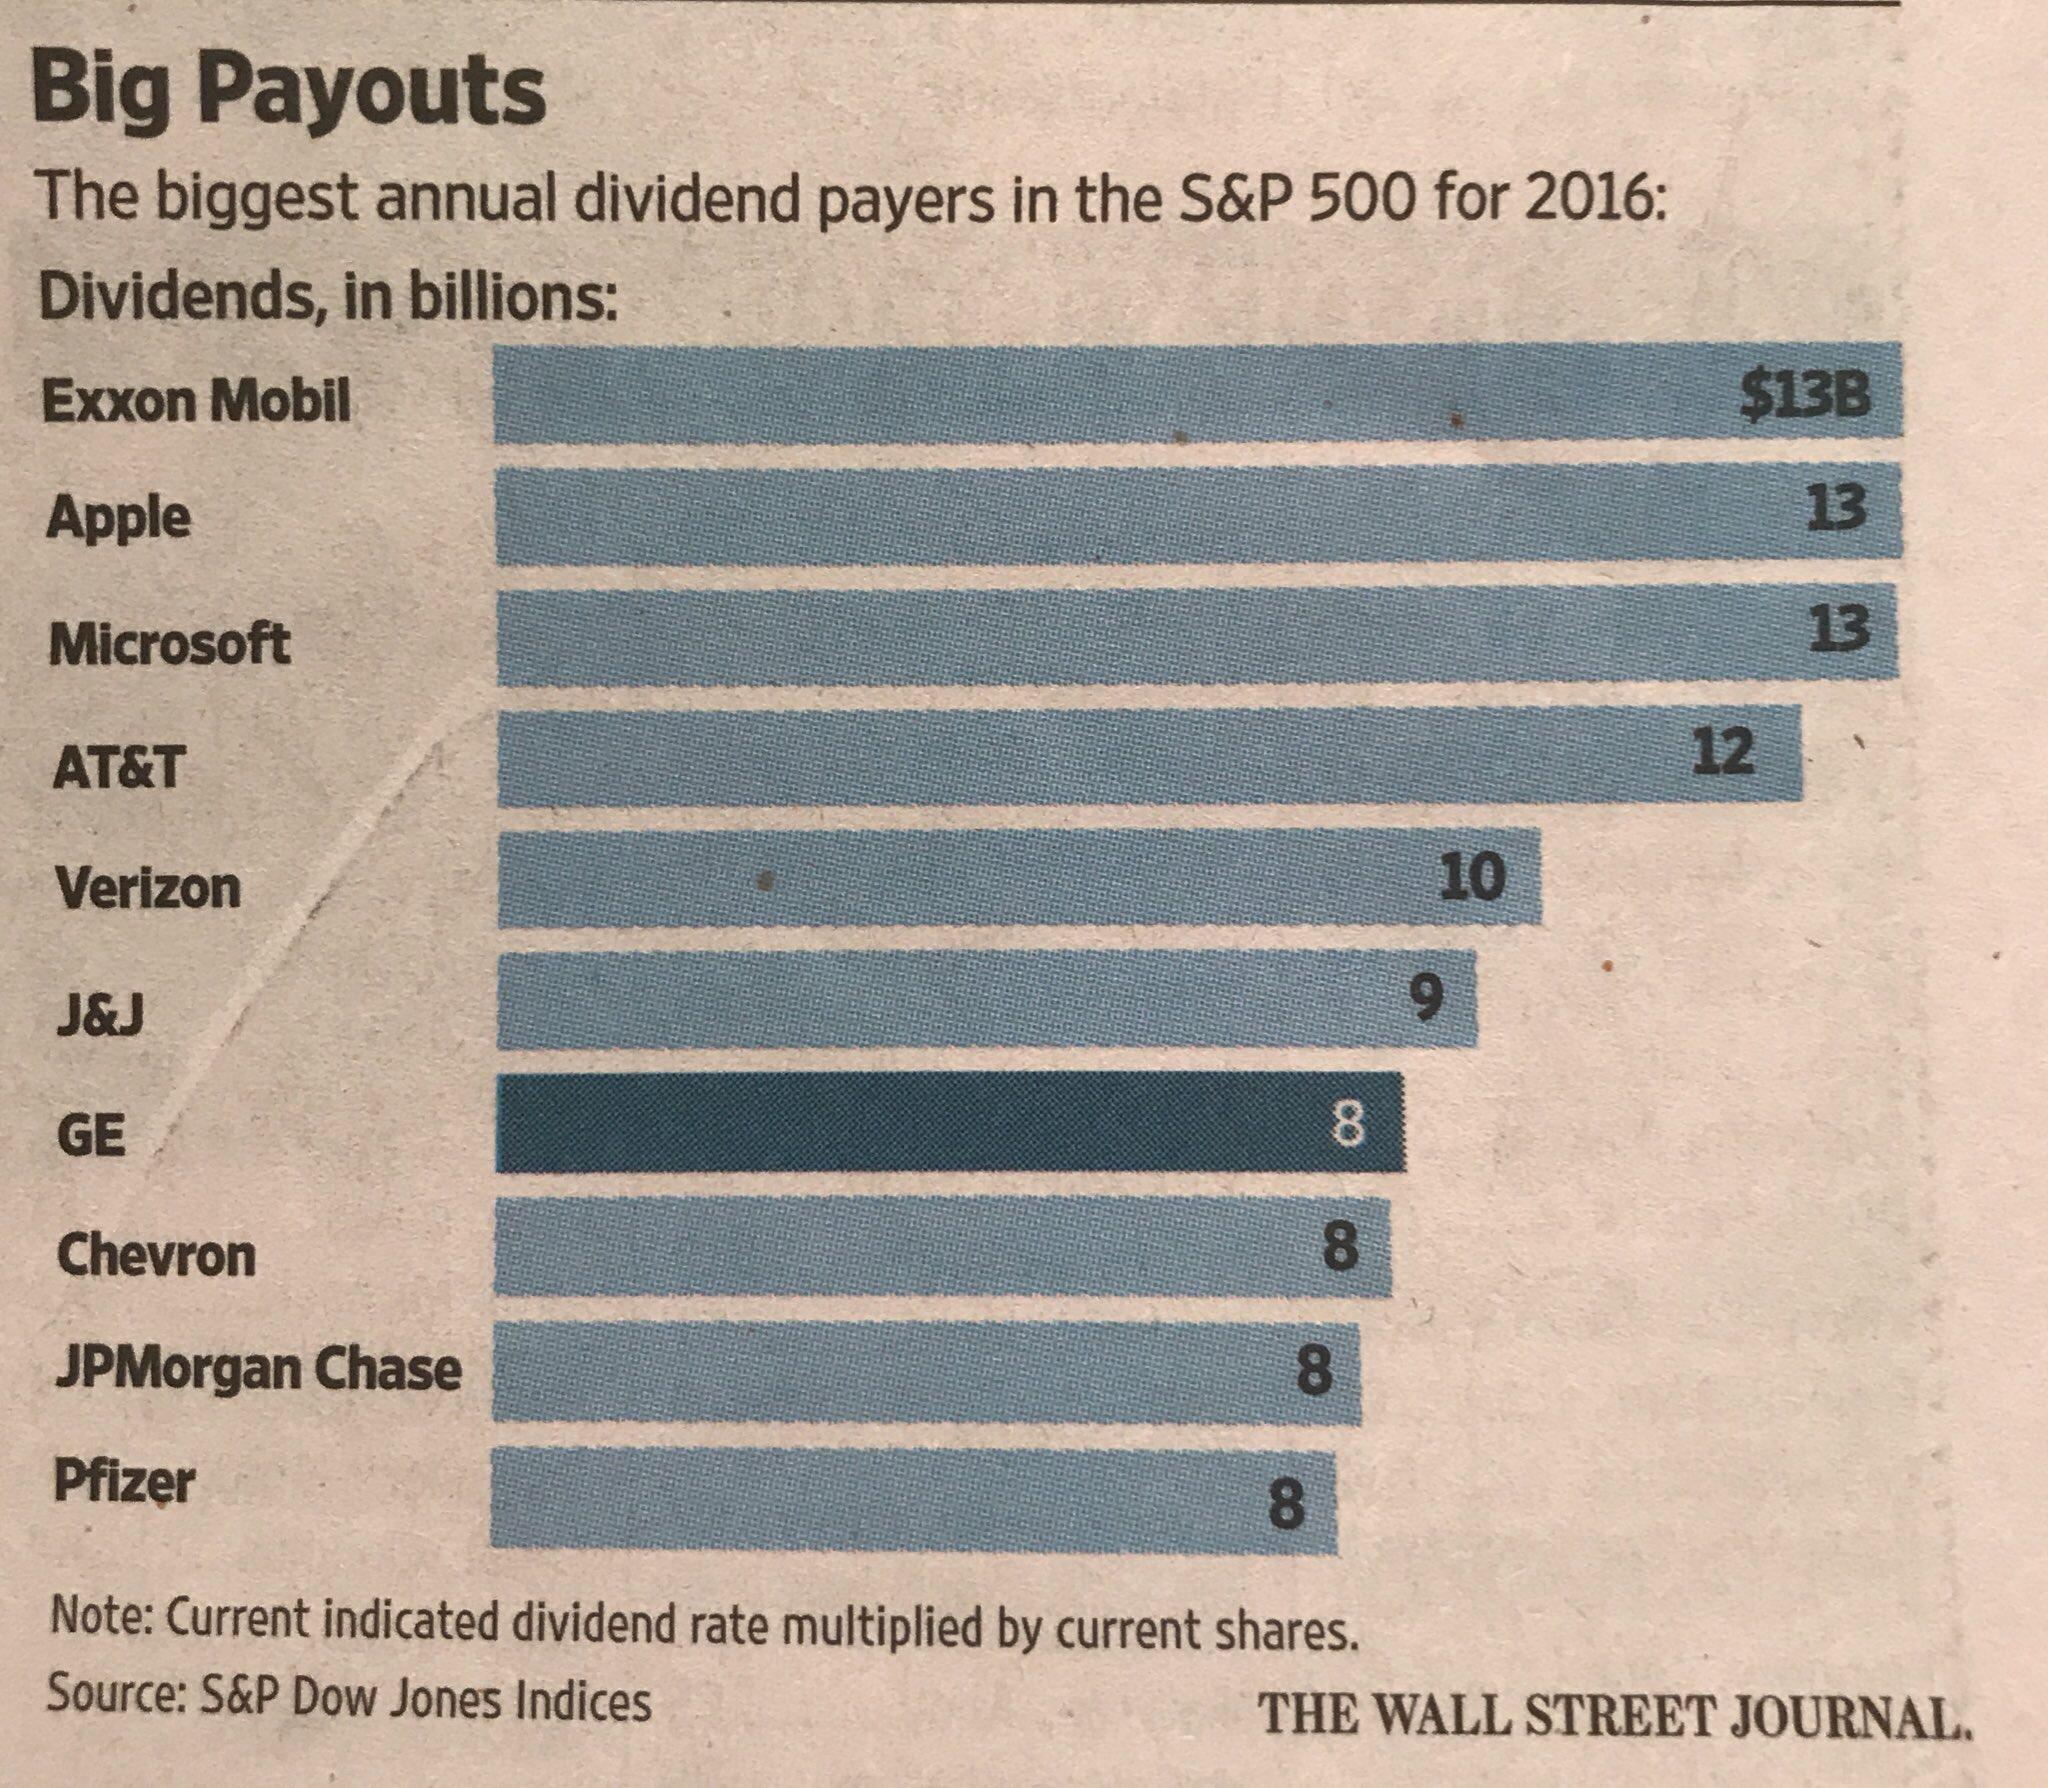 Bolagen i S&P500 med högst utdelning